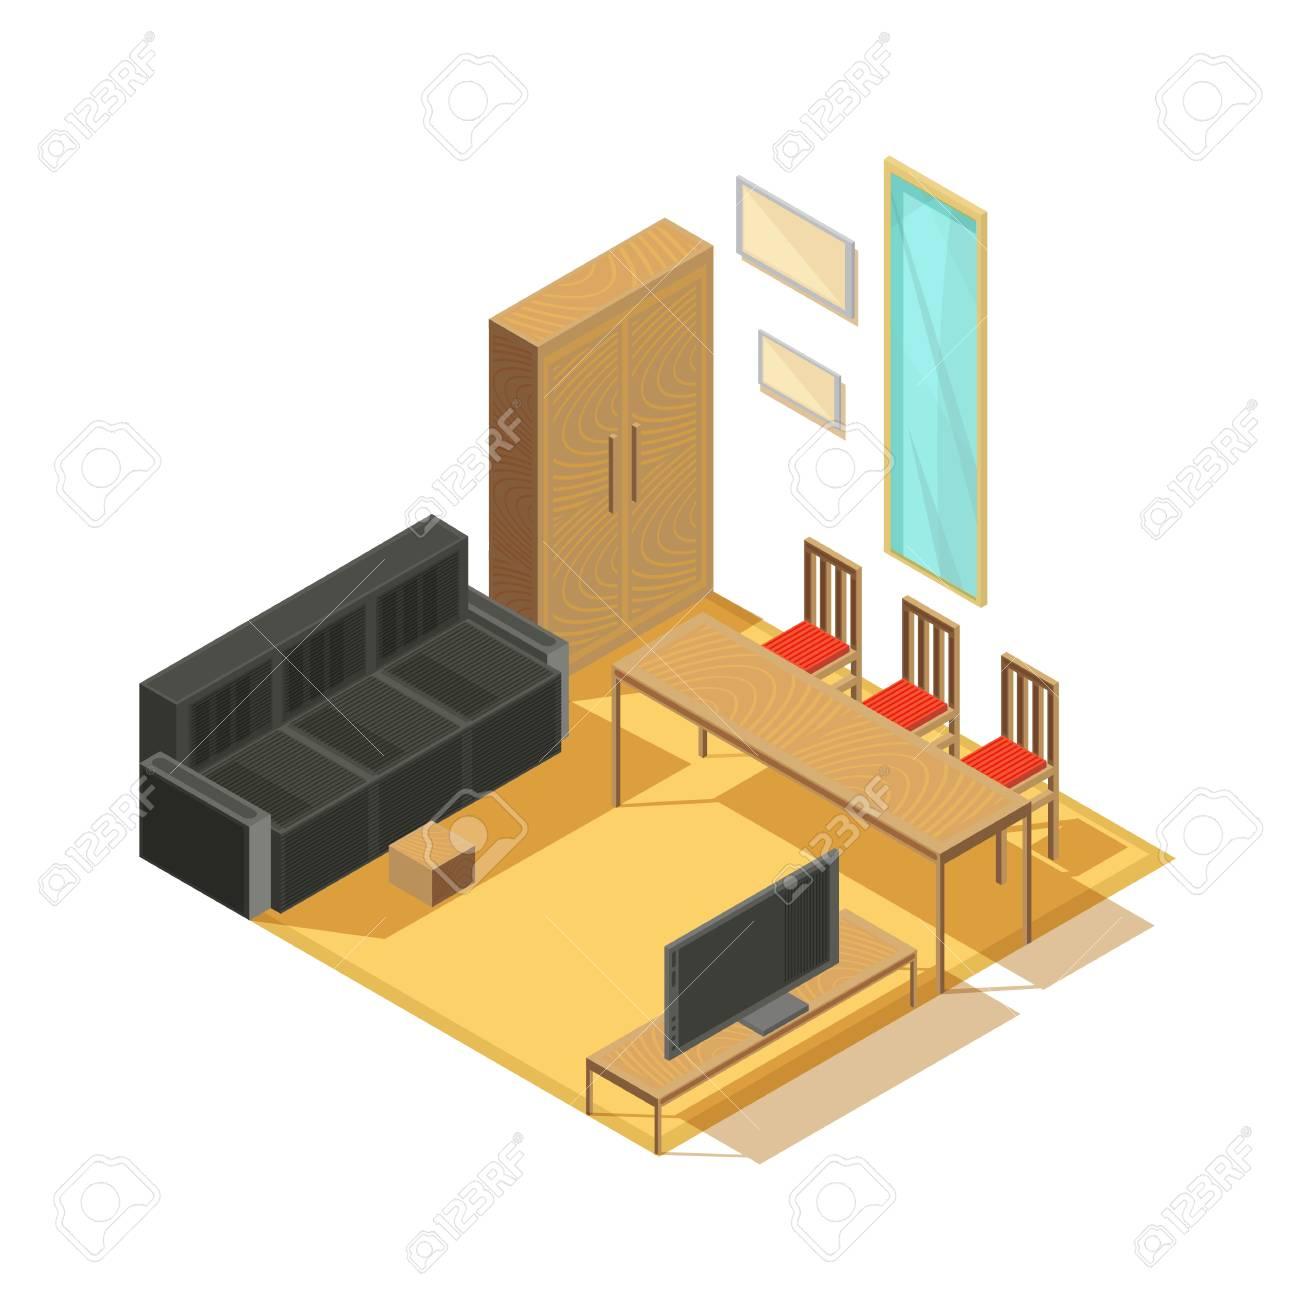 Meubles Isometrique Ensemble D Articles De Chambre Meubles Armoire Canape Tv Set Miroir Et Chaises Avec Illustration Vectorielle De Table